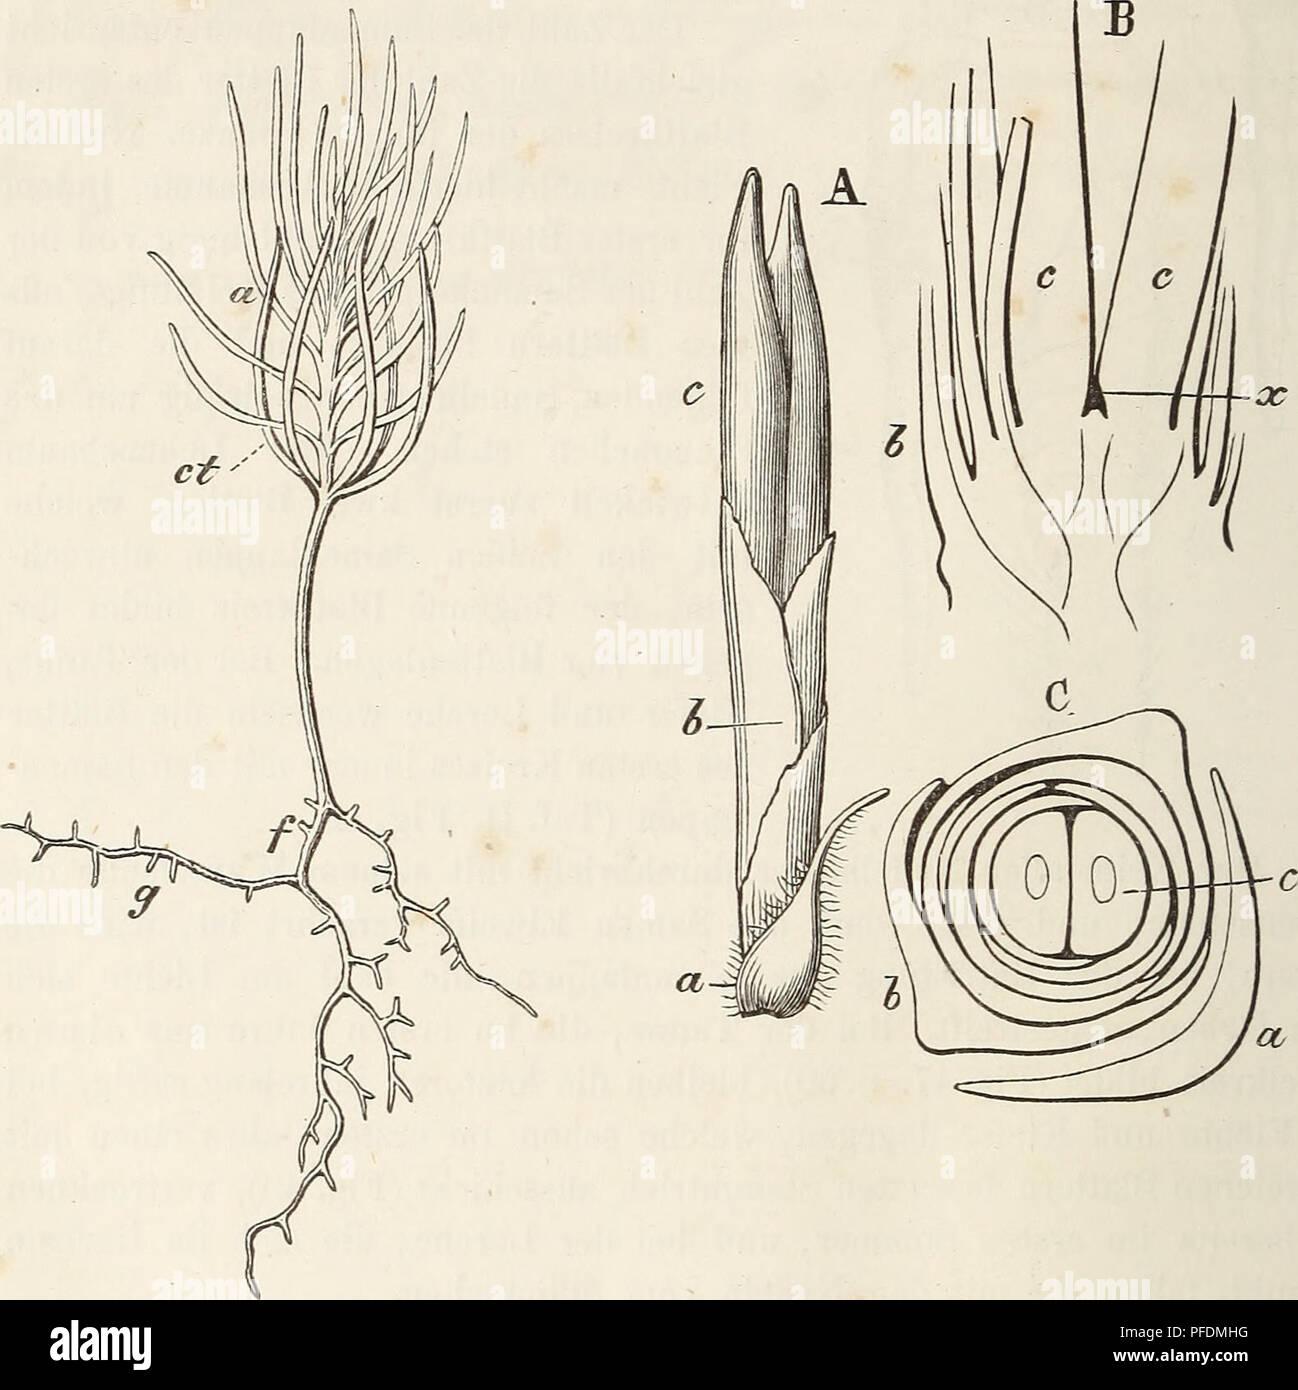 . Der baum. Trees; Plant physiology. 54 Keimung der Nadelhölzer. Das aus der Stammknospe (der Plumula) entstandene Pflänzchen trägt einfache Blätter oder Nadeln (s. Fig. 49), mit einem centralen Gefäfsbündel und zwei Harzgängen versehen; der Trieb des zweiten Jahres entfaltet dagegen Doppelnadeln, welche aus einer Knospe entstehen, die sich in der Achsel des eigentlichen Blattes entwickelt; das letztere aber bleibt in die- sem Falle schuppenartig und dient der Knospe als Deckschuppe (Taf. II. Fig. 21 u. 22). Nur wenn die junge Kiefer bisweilen schon im ersten Fig. 49. Fig. 50.. Fig. 49. Die Ke Stock Photo